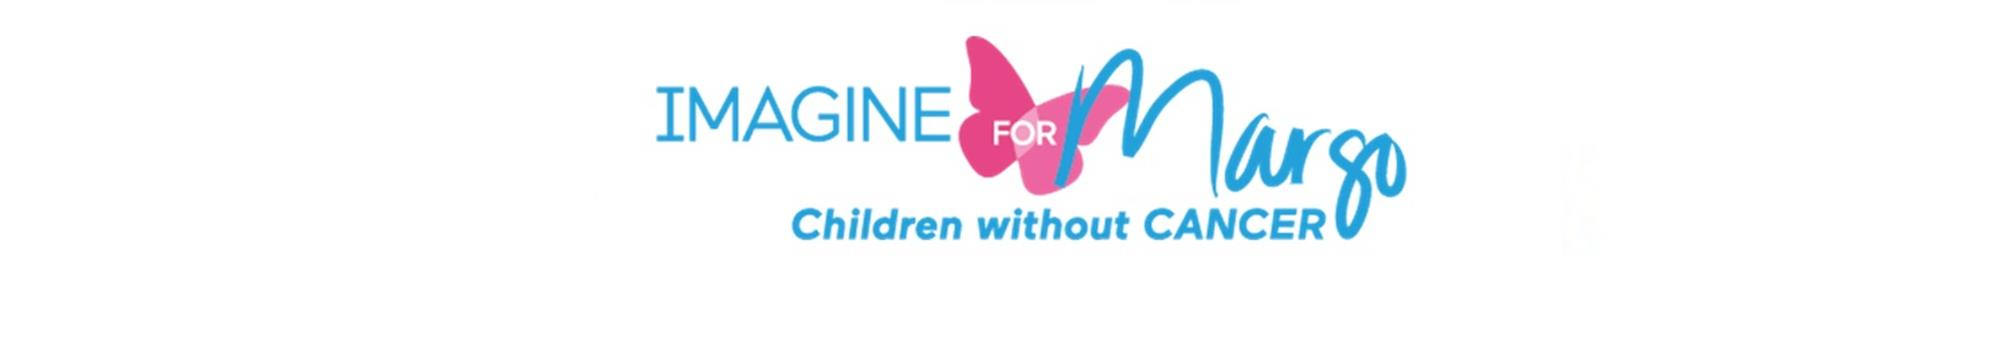 Maillot Porteur D'espoir - IMAGINE FOR MARGO- Children without cancer